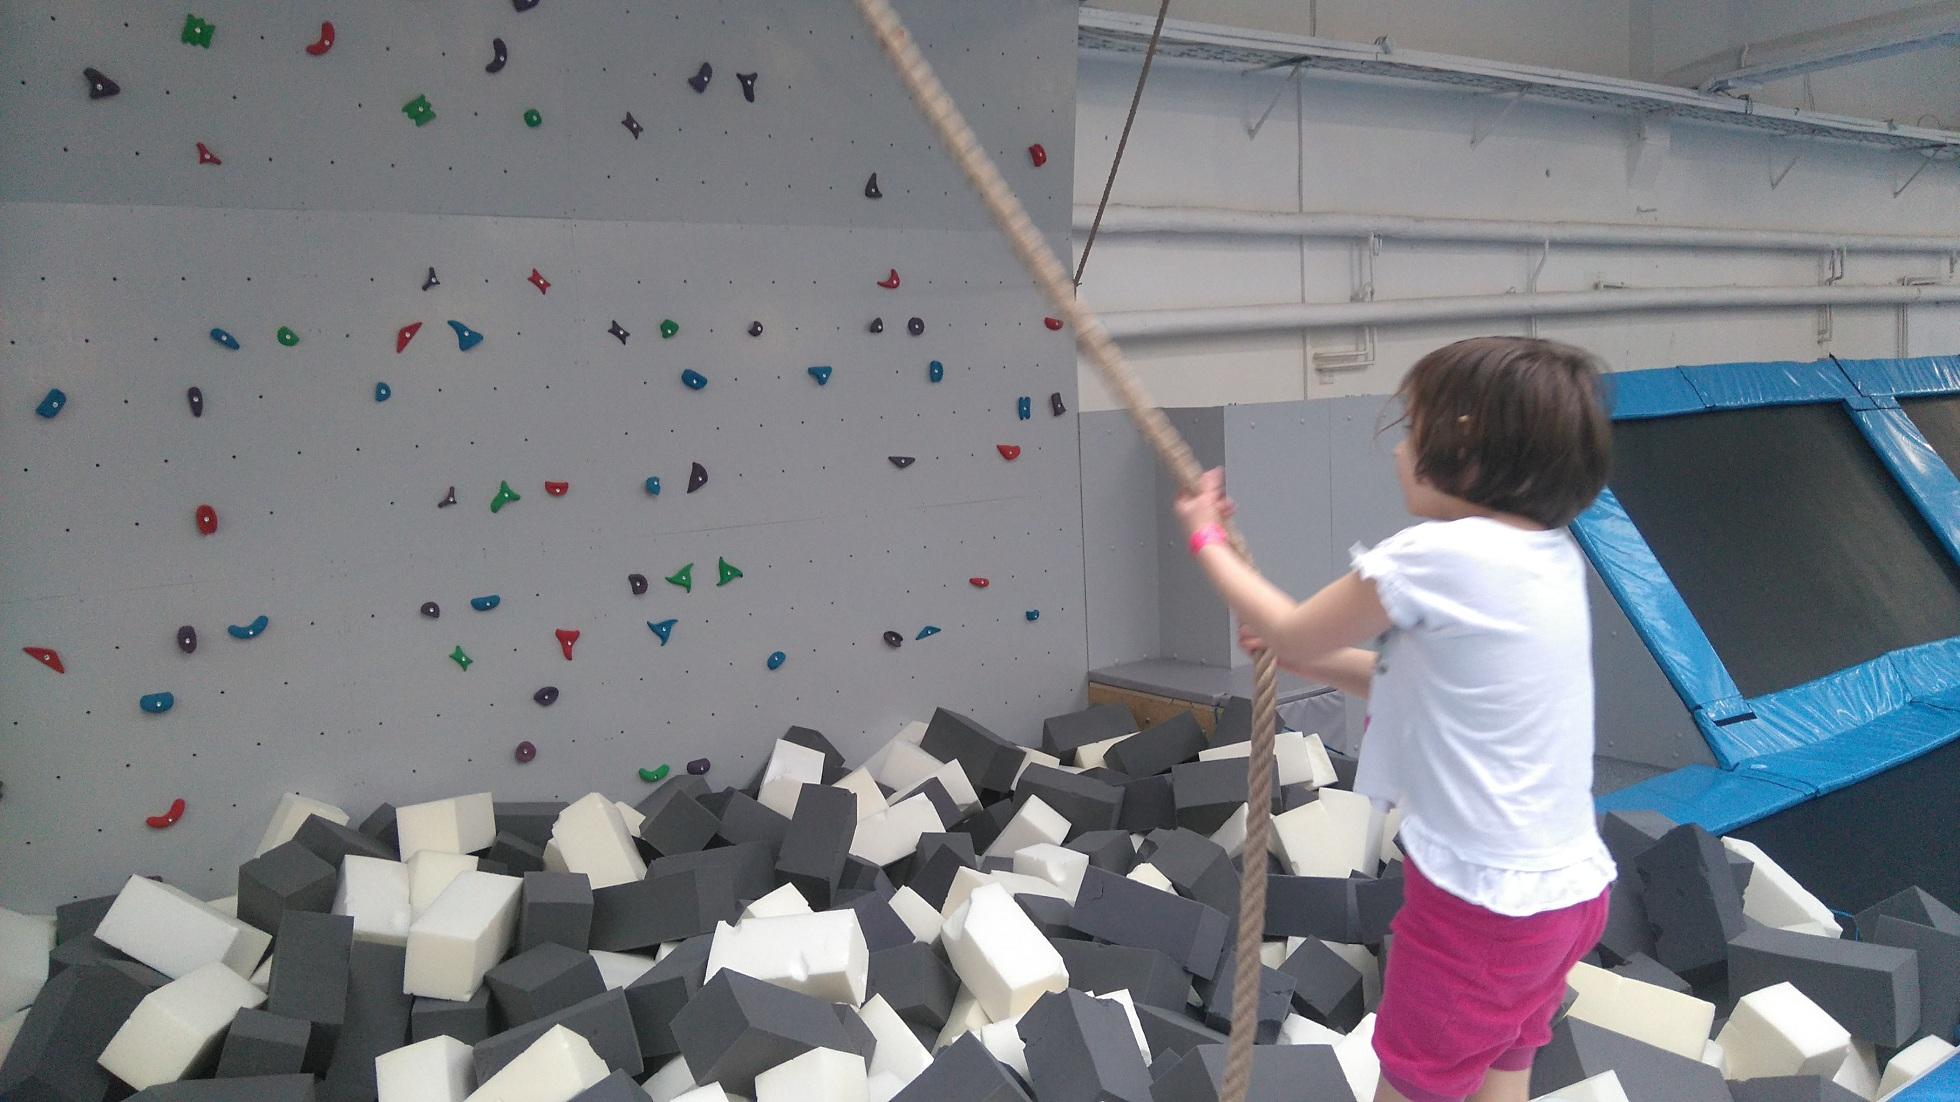 dziewczynka trzyma linę na tle ścianki wspinaczkowej i basenu z gąbkami